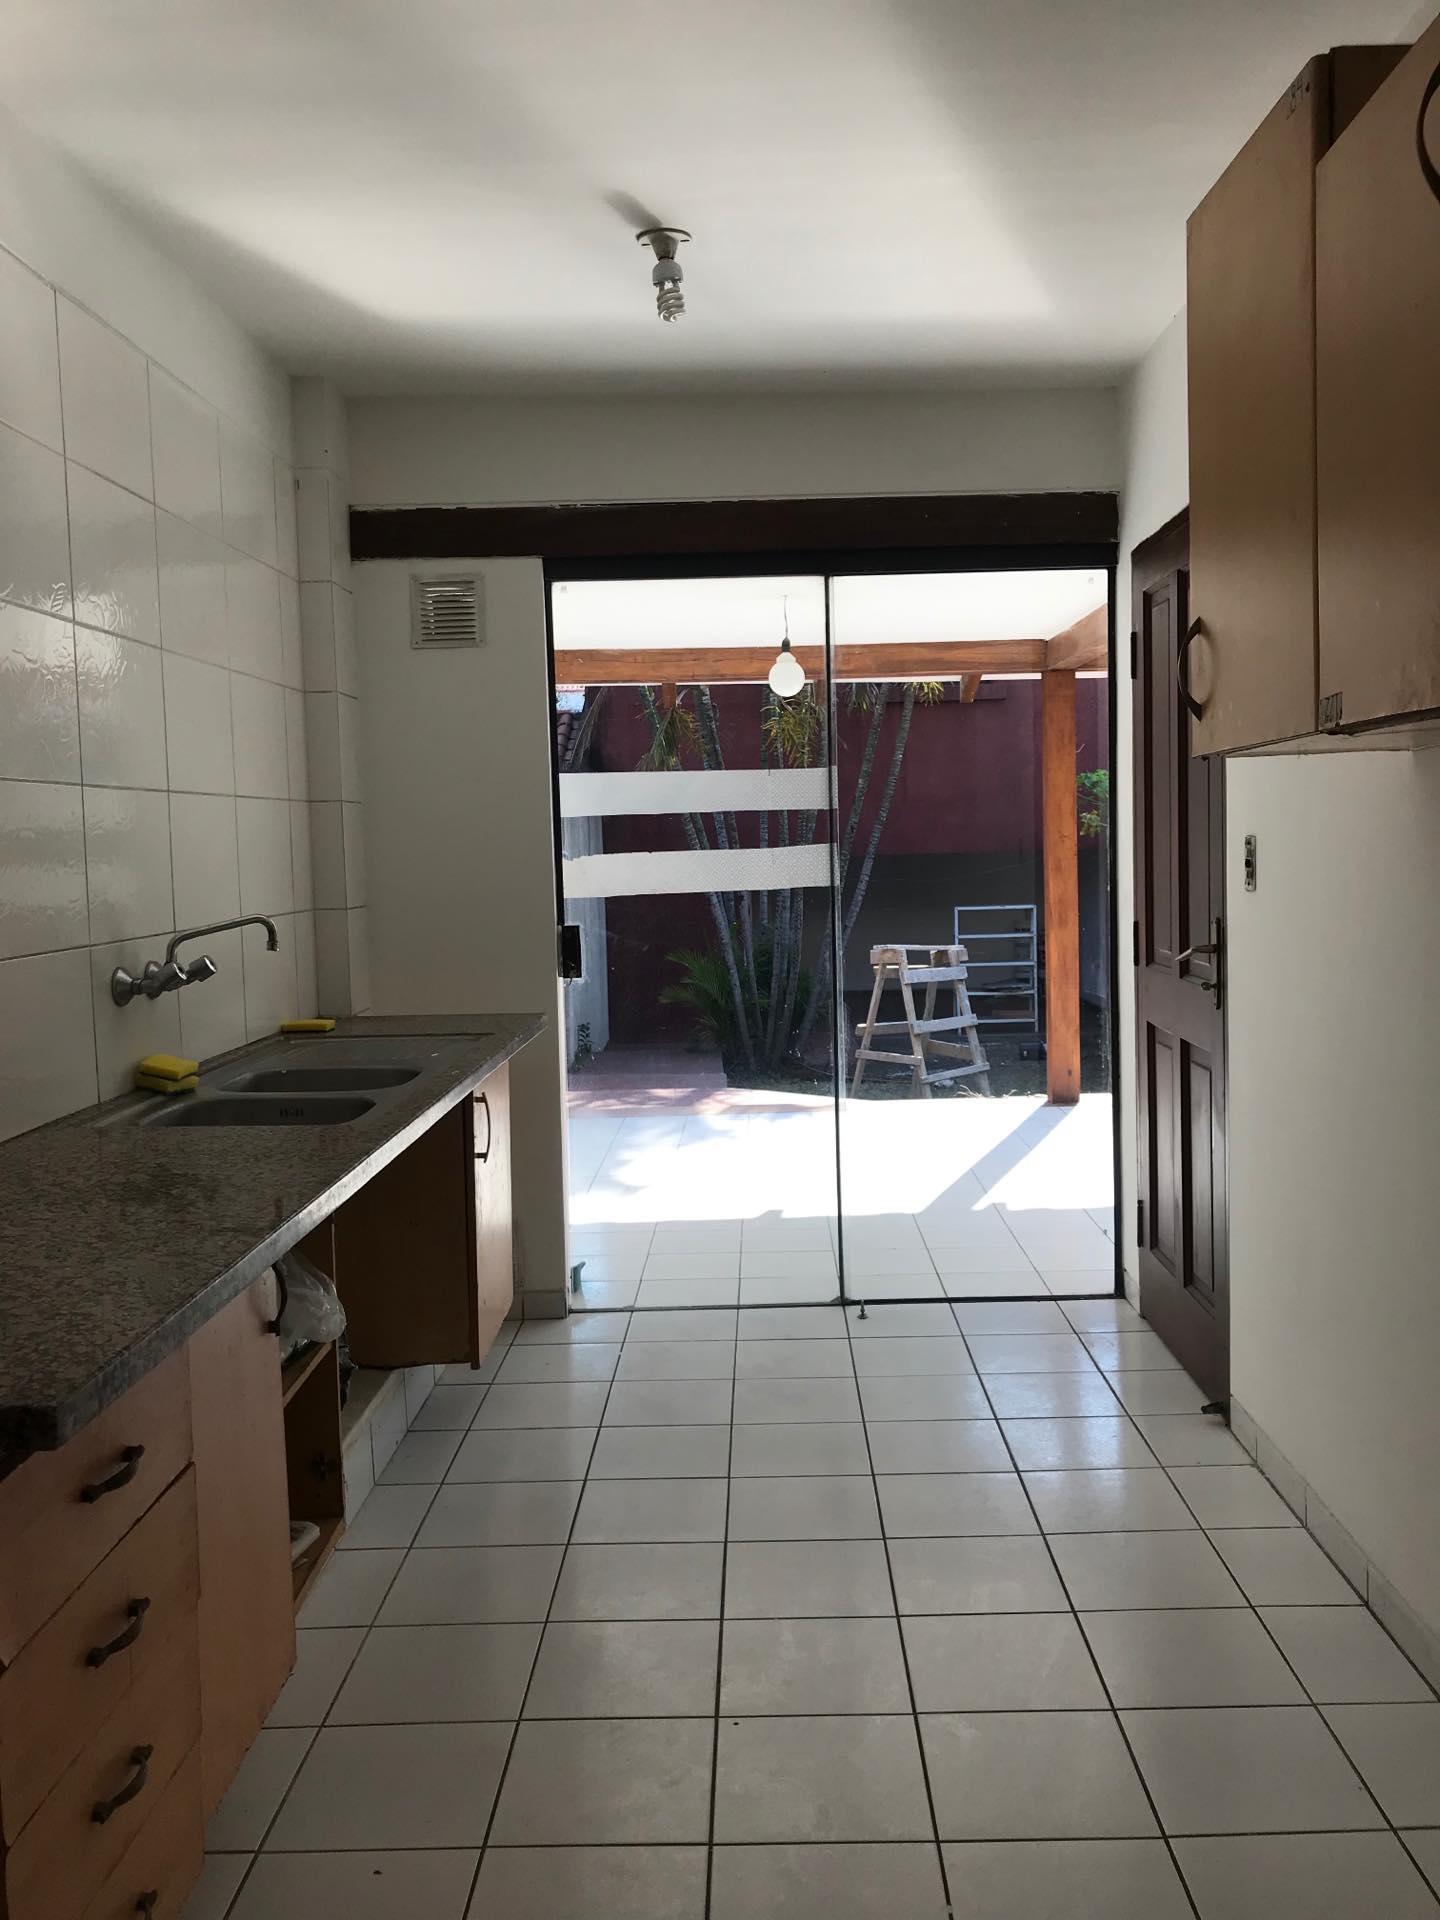 Casa en Alquiler Av. Melchor Pinto entre 1ro y 2do anillo  Foto 14